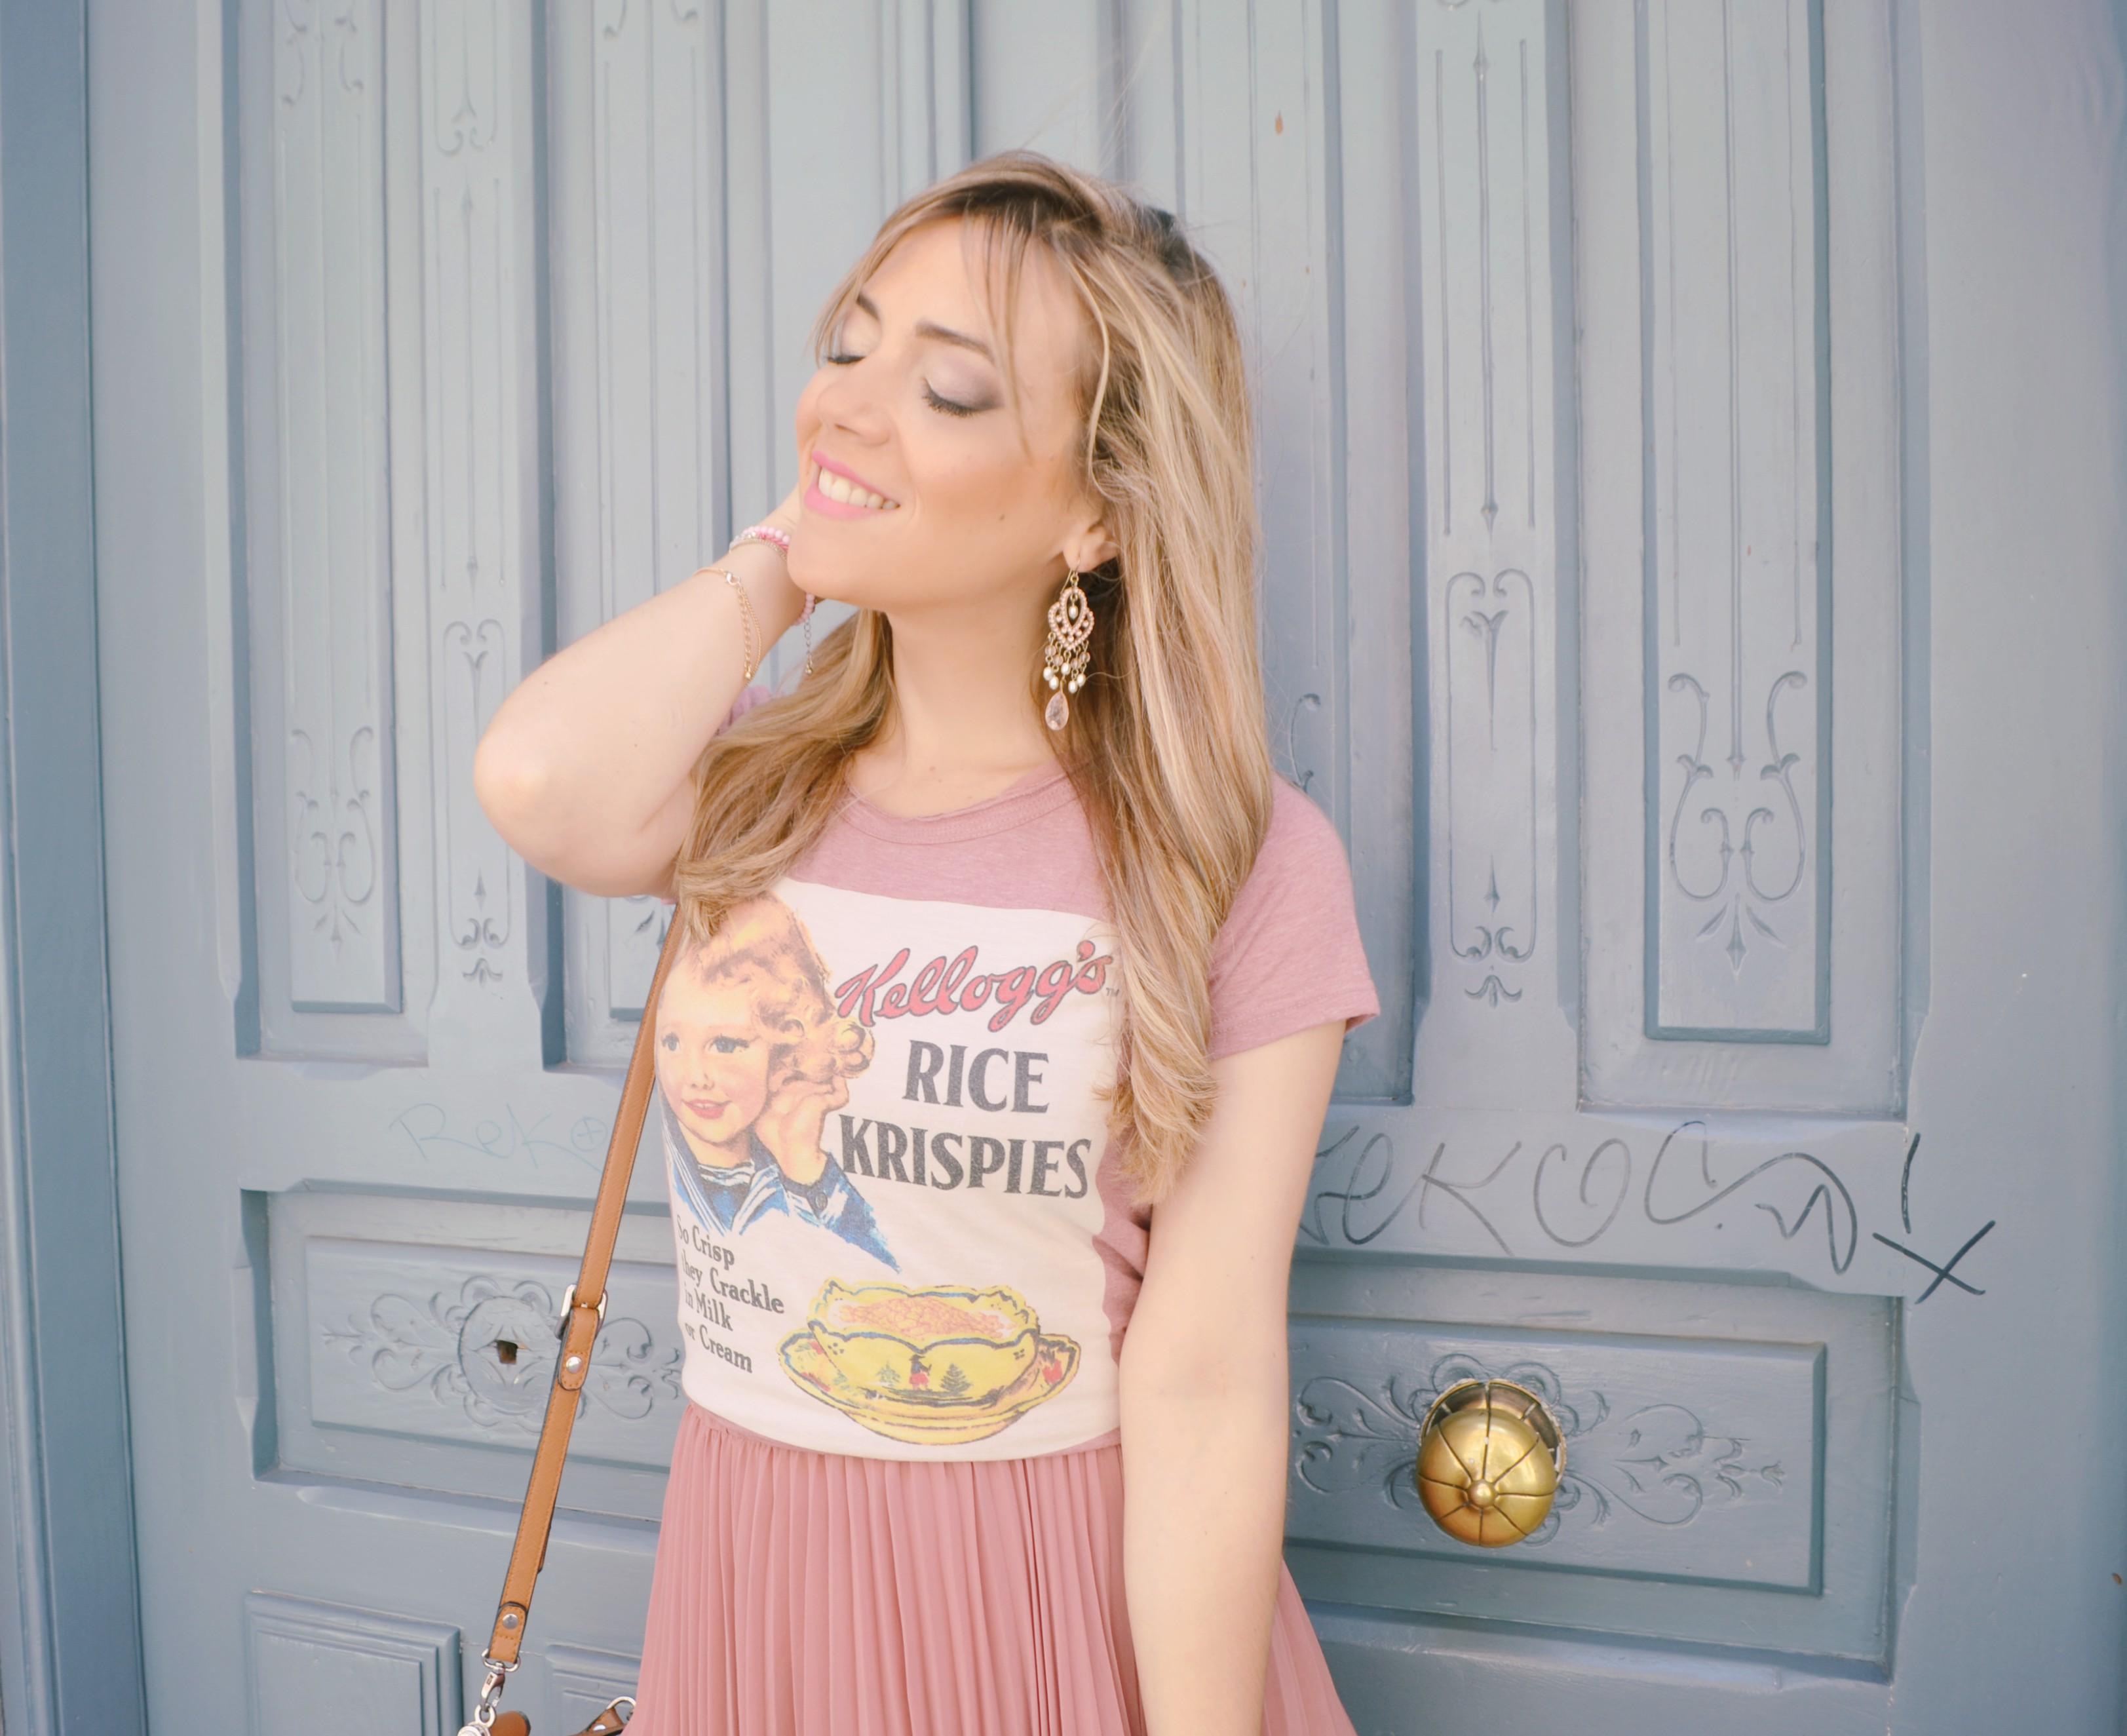 Blog-de-moda--look-de-verano-bolsos-pepe-moll-fashionista-Rose-Quartz-outfit-ChicAdicta-Chic-Adicta-maquillaje-de-verano-Kiko-PiensaenChic-Piensa-en-Chic